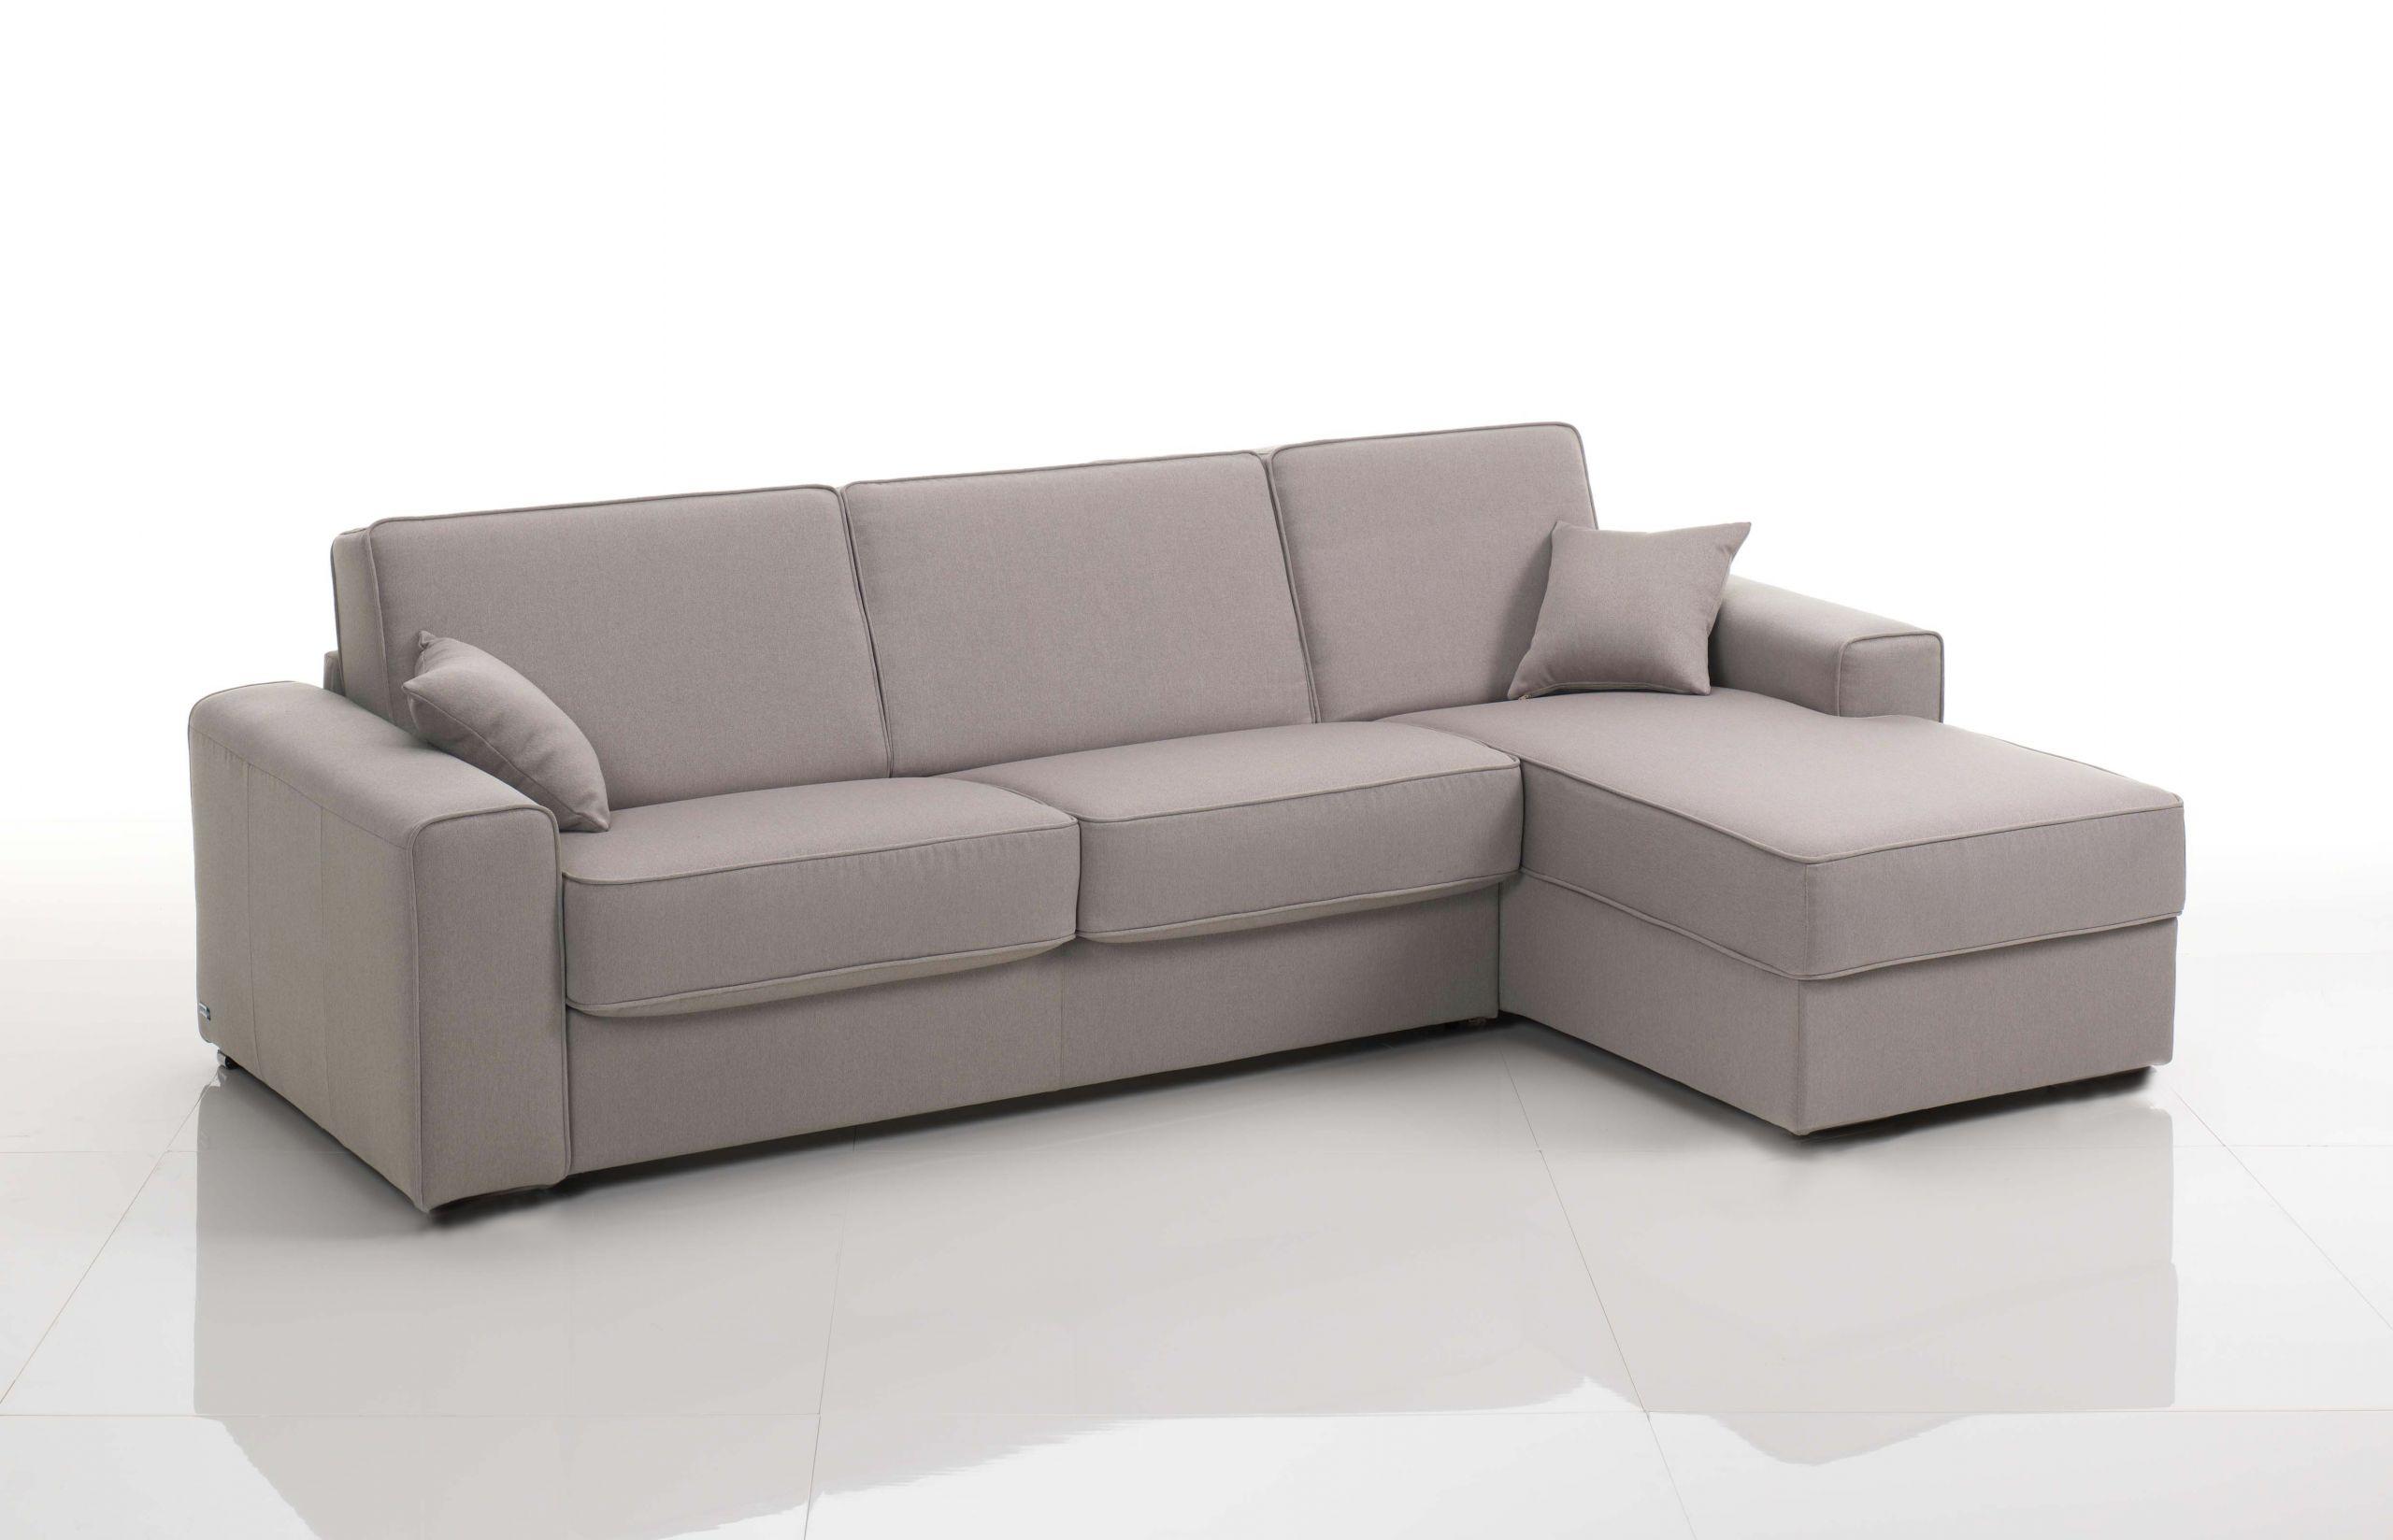 Canapé d'angle Cuir taupe claire Alpha Modéle 3 places